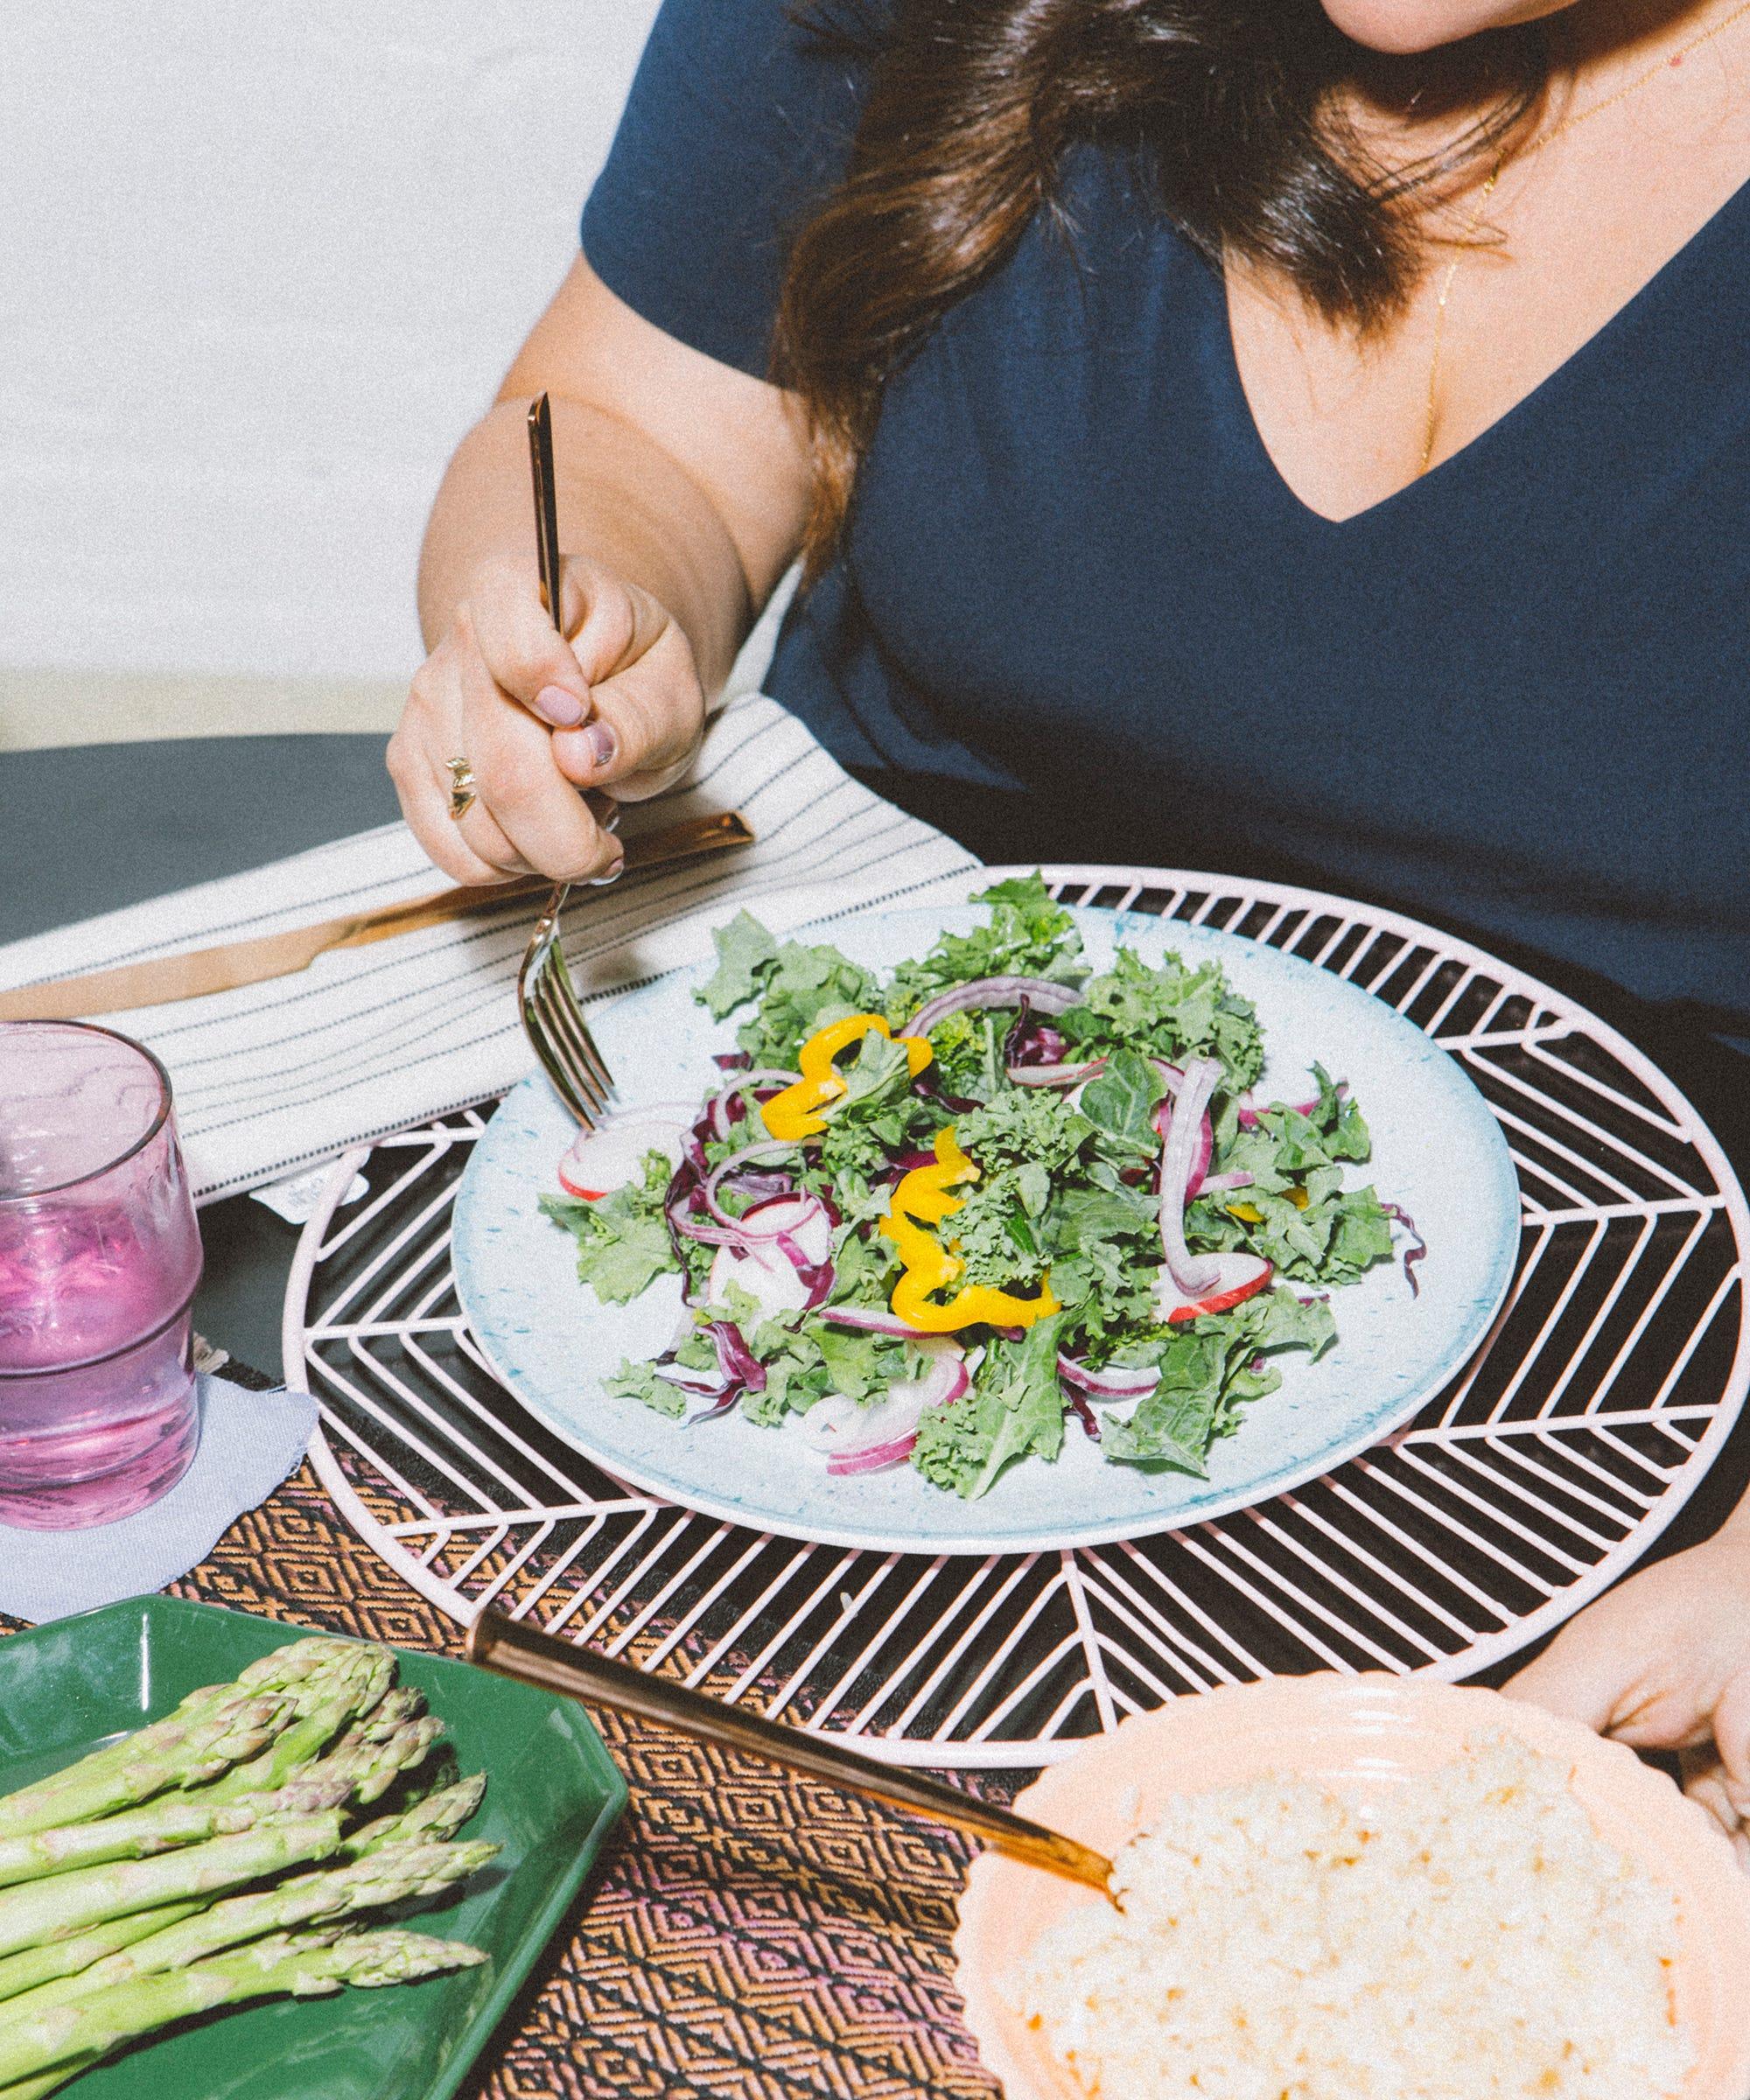 Gefährlicher Health-Trend: Warum du keine OMAD-Diät machen solltest